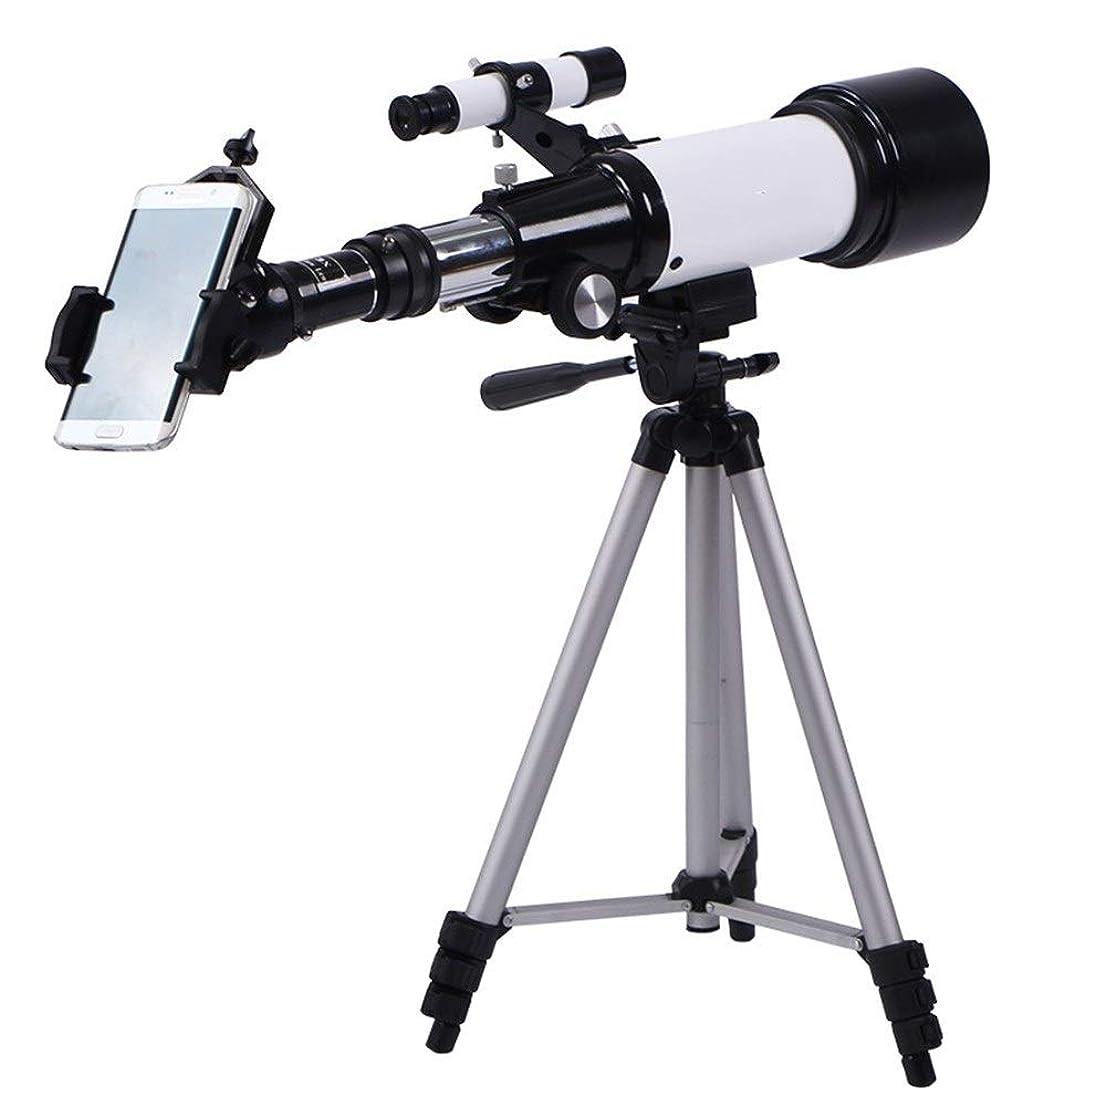 探検もの意図的天体望遠鏡 モバイルドッキングステーションのためのキッズ子供中学生で天体望遠鏡観測ルナマルチ接眼レンズ 高倍率での観測 (Color : White, Size : 63x12.5x21cm)